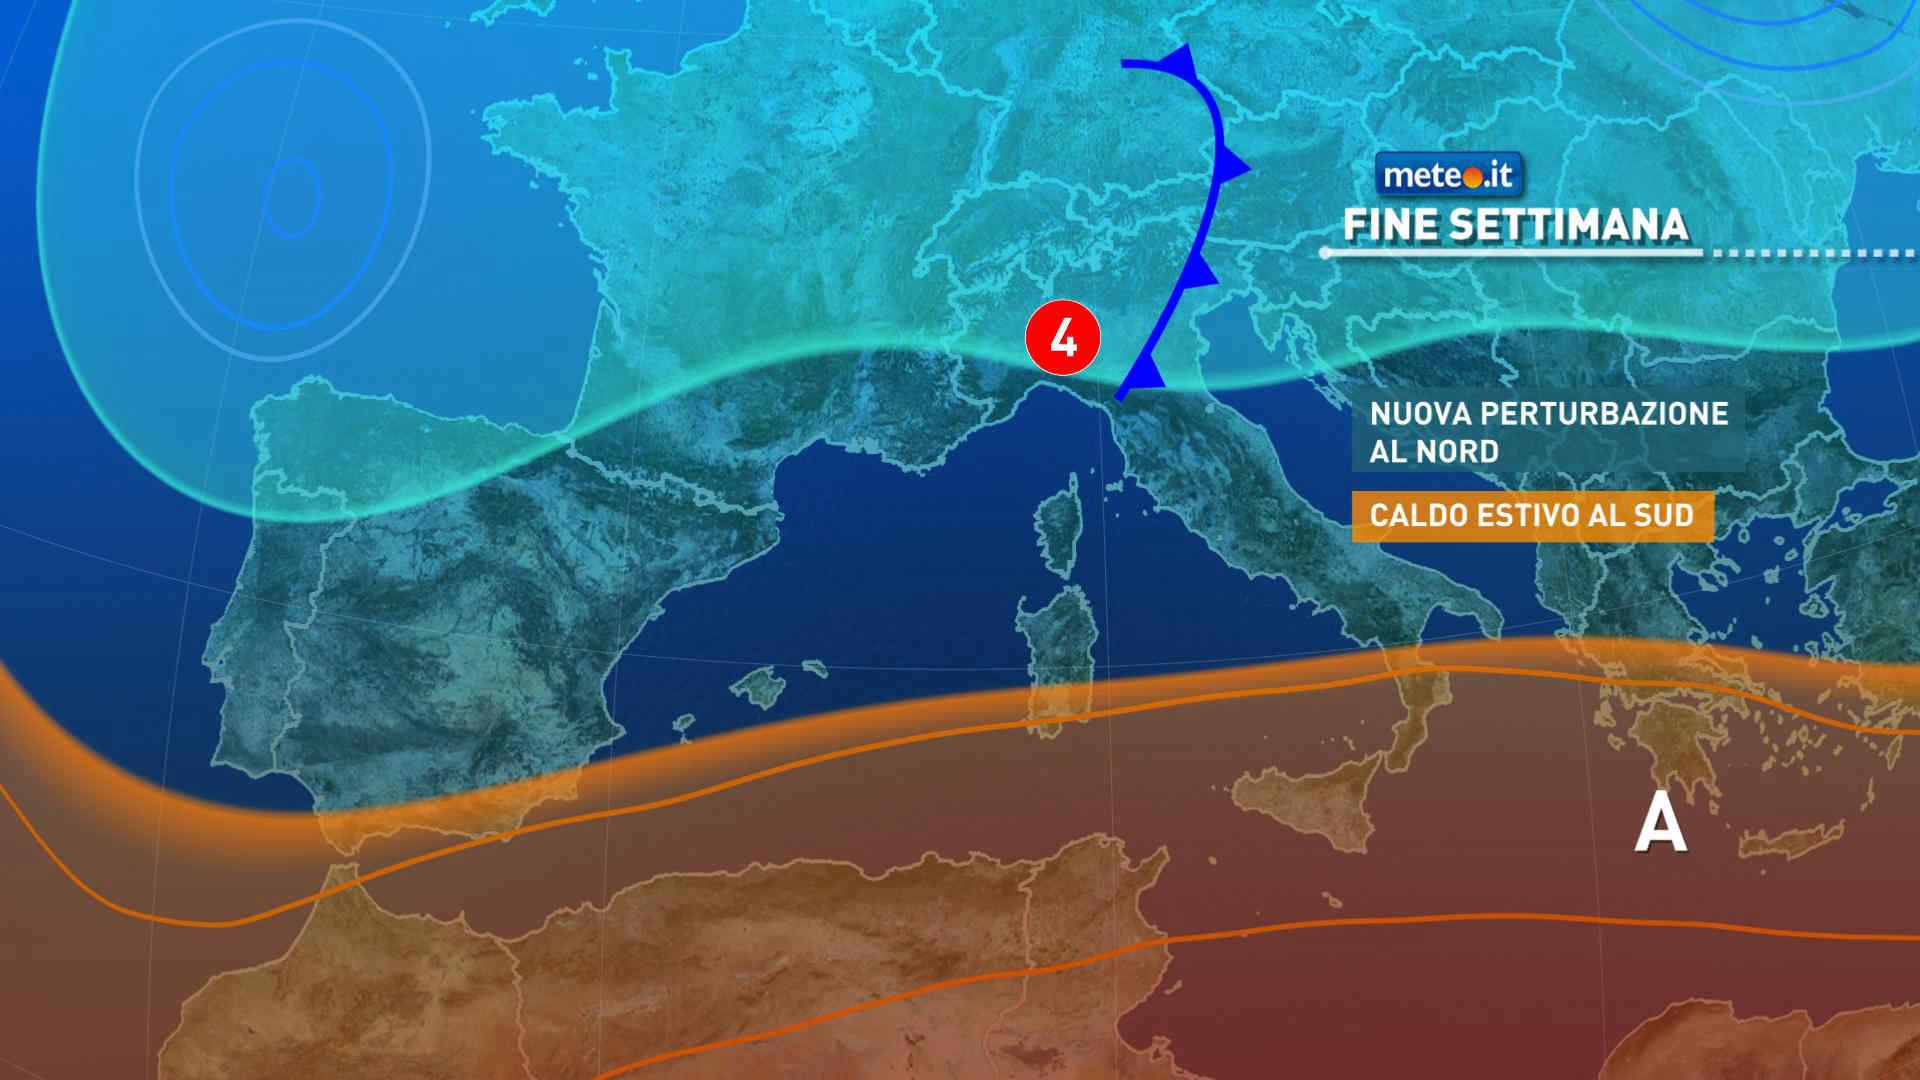 Previsioni meteo nel weekend del 18 e 19 settembre